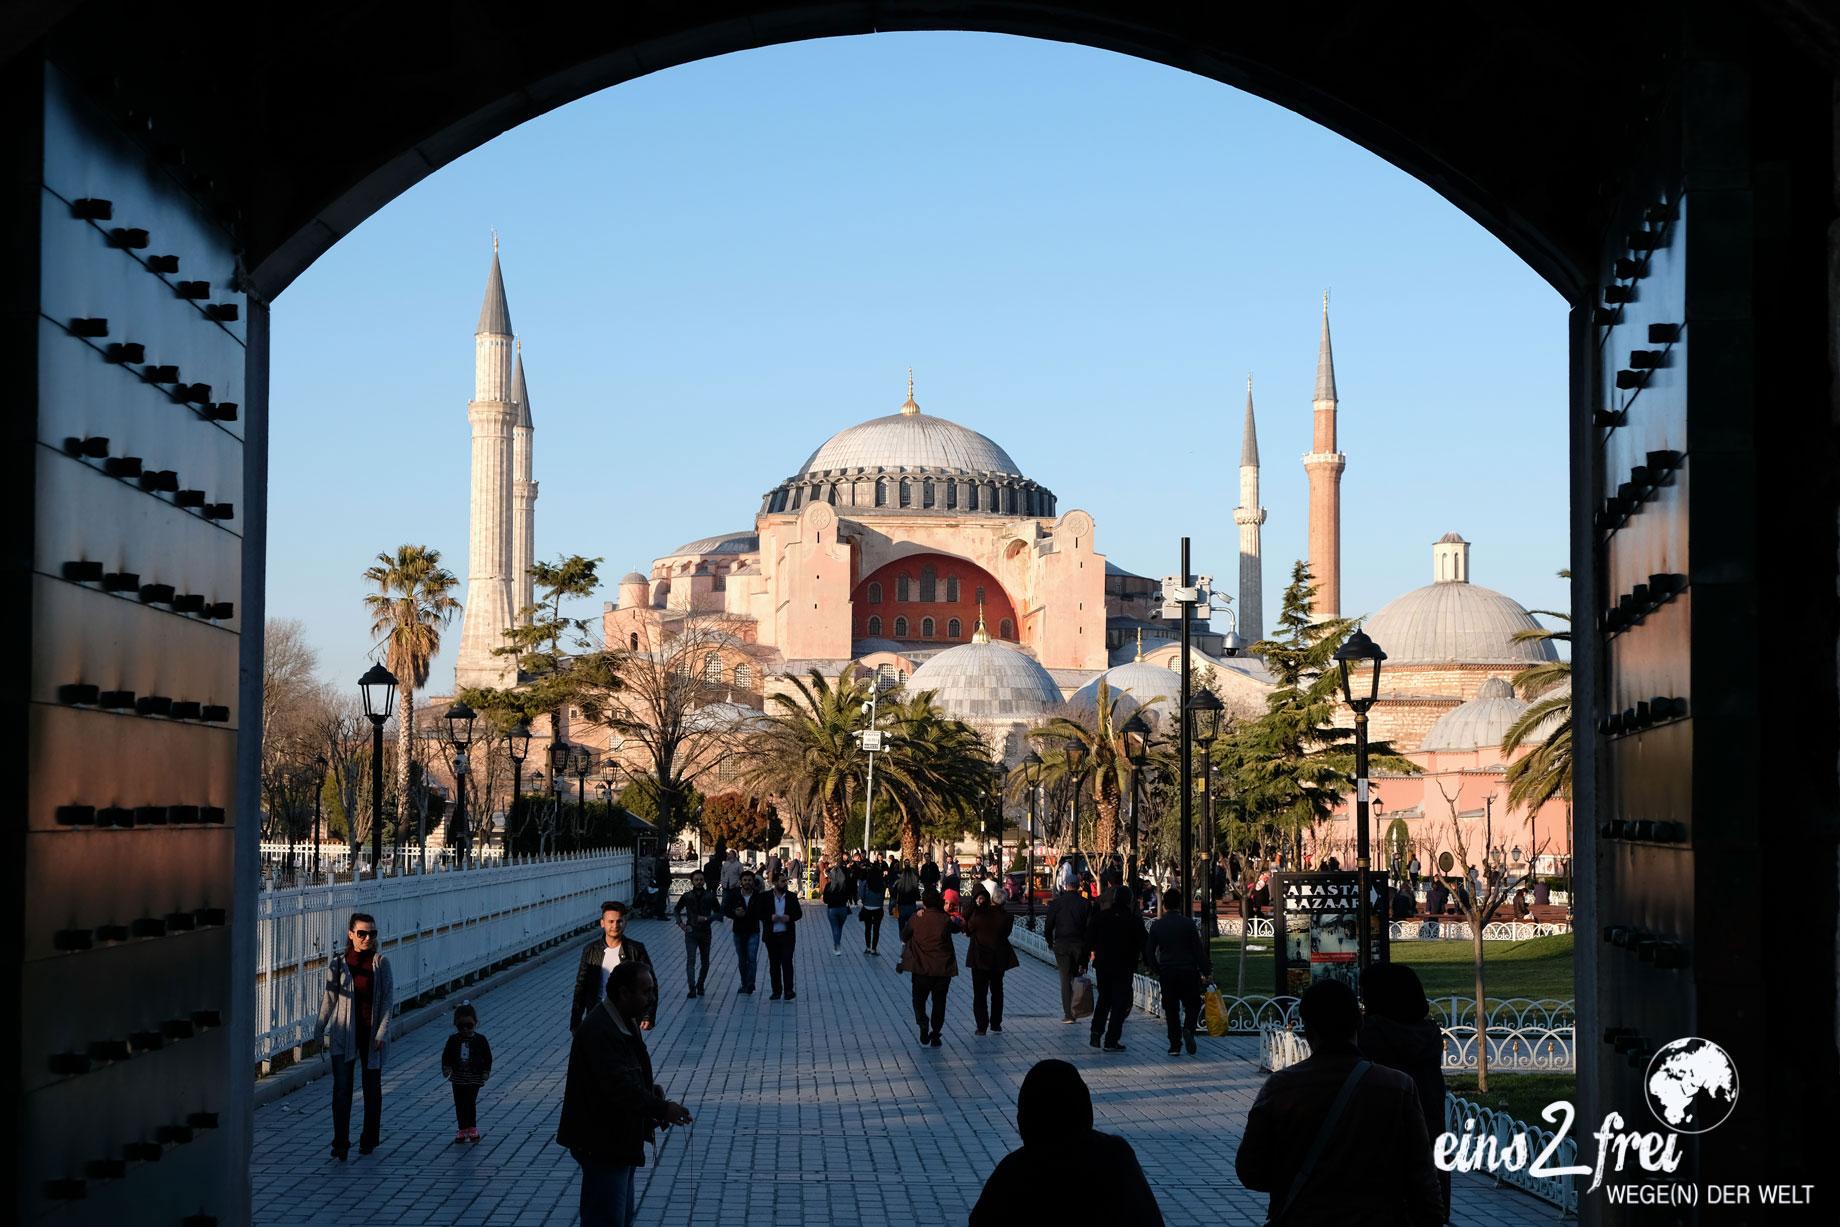 """Unser liebstes Bild in der Kategorie """"Lieblingsbild"""": Hagia Sophia. Istanbul, Türkei. März 2017."""